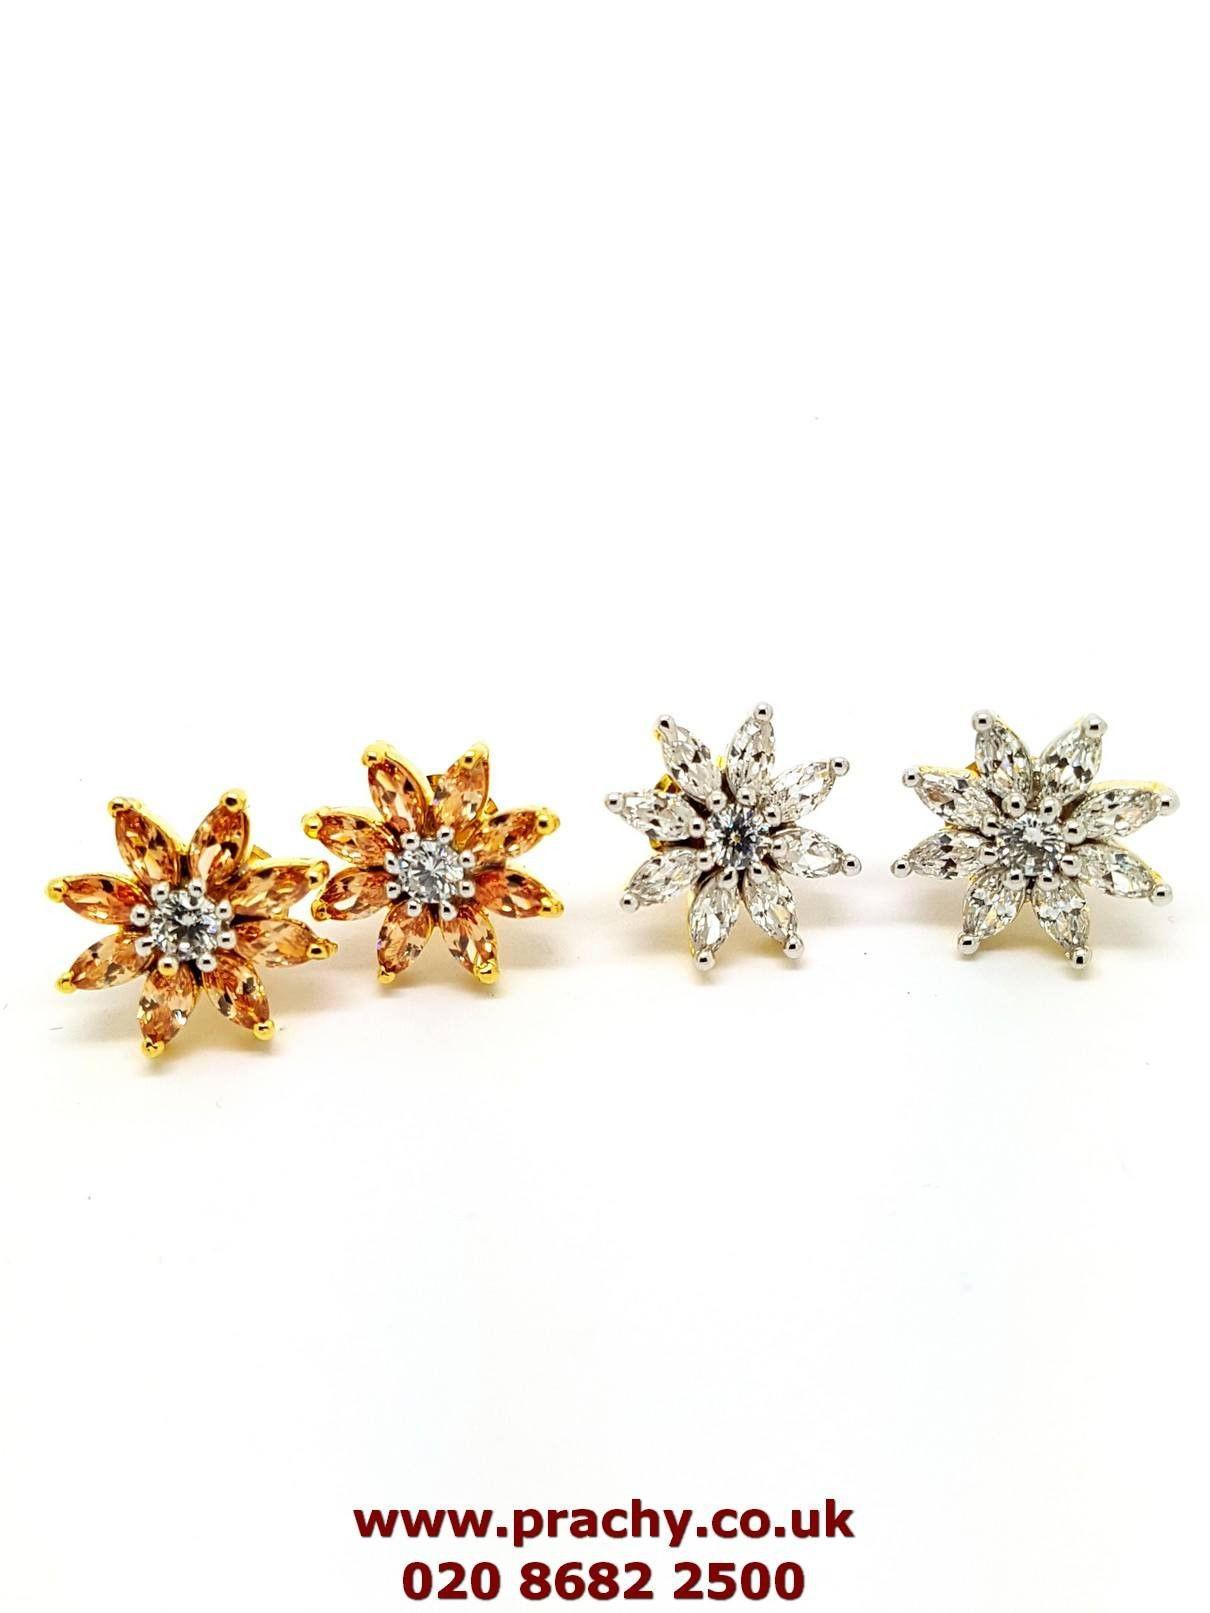 AJER 1706 t 0217 AD earrings